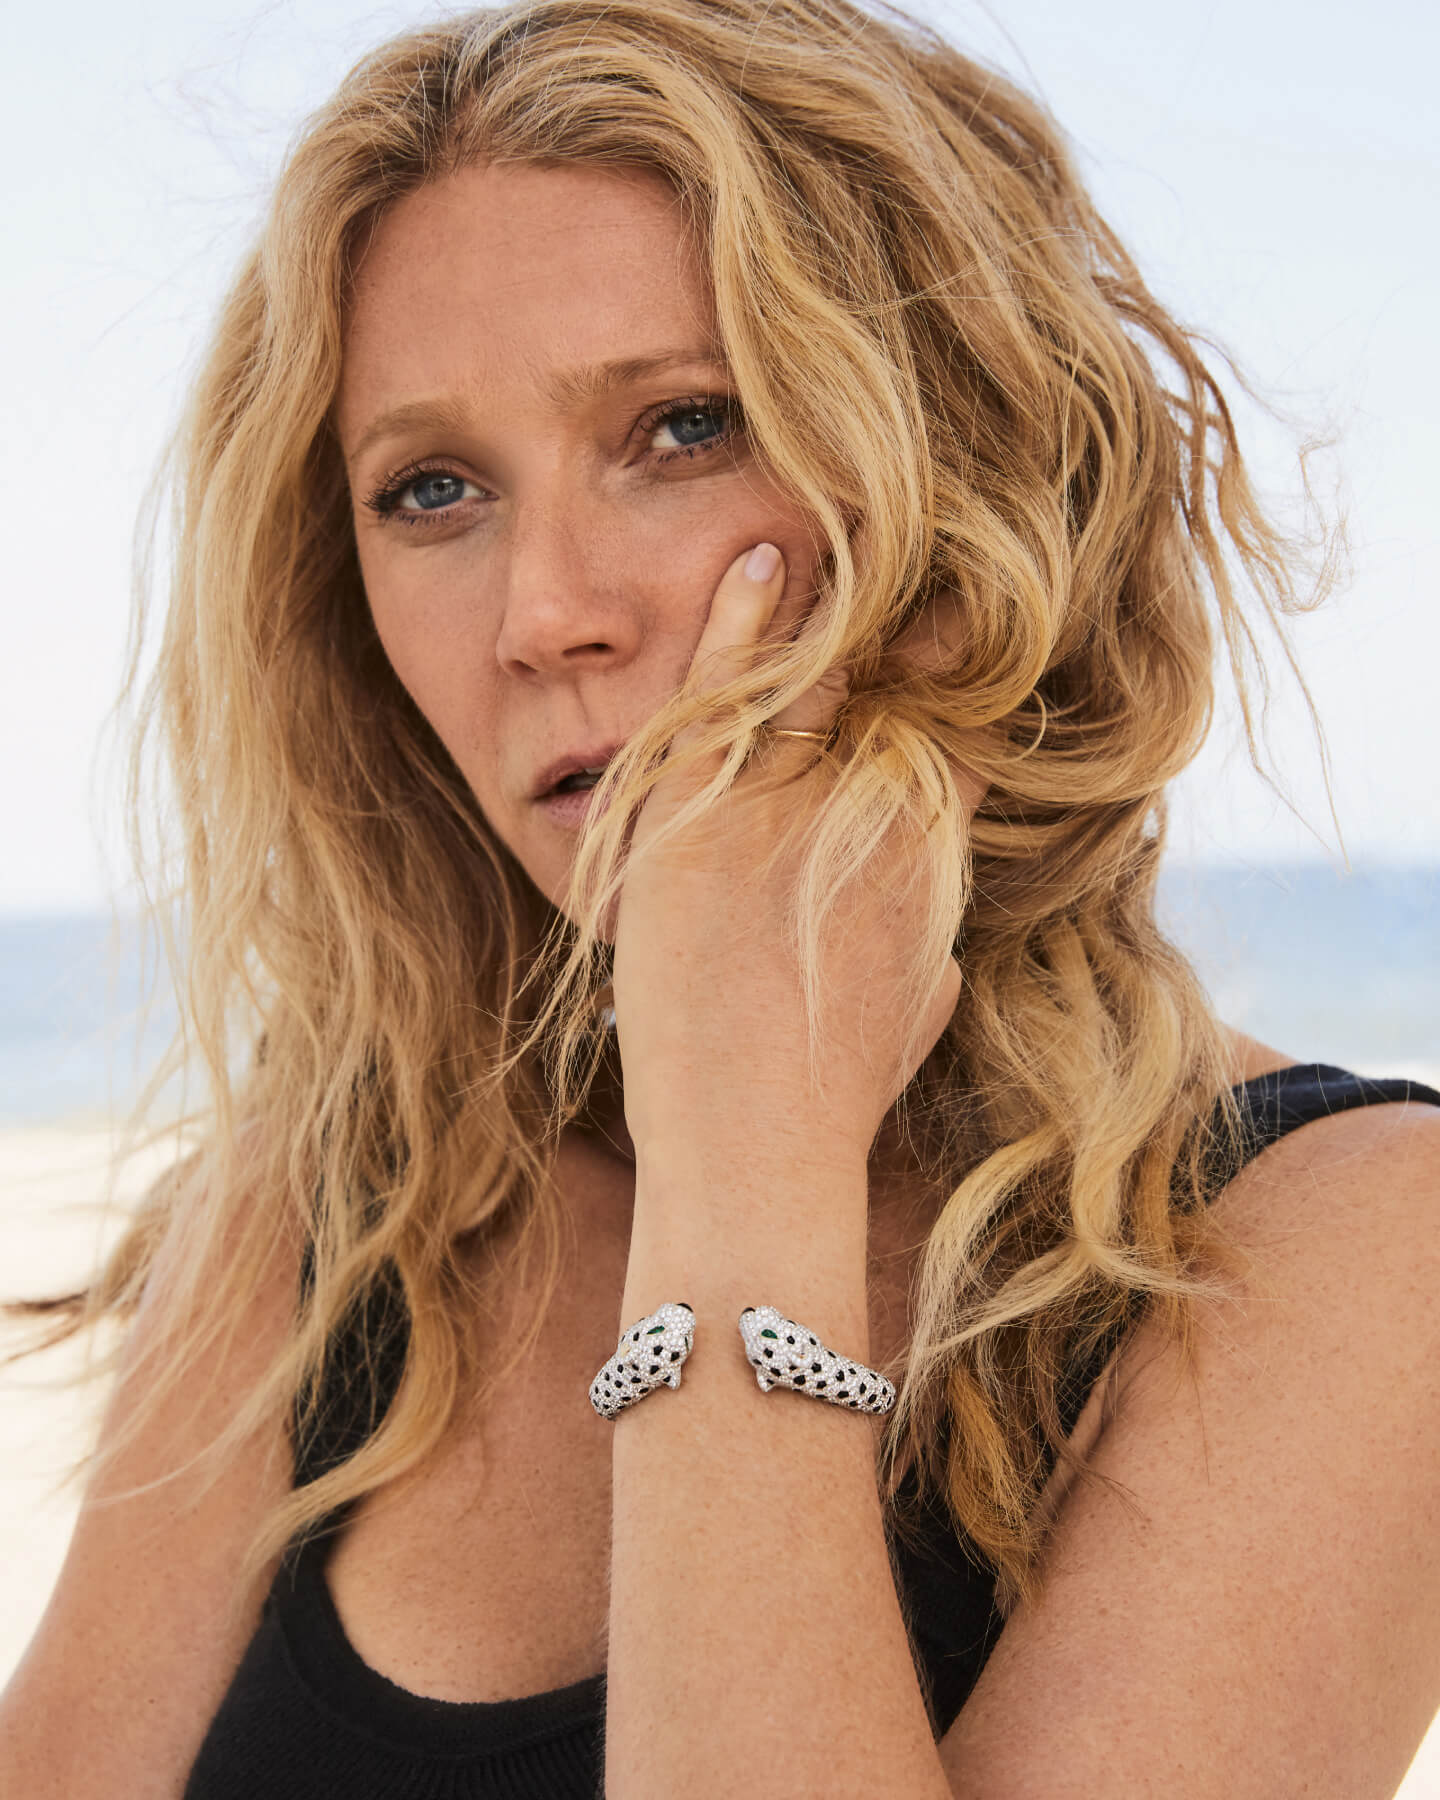 GP posing wearing a cartier bracelet